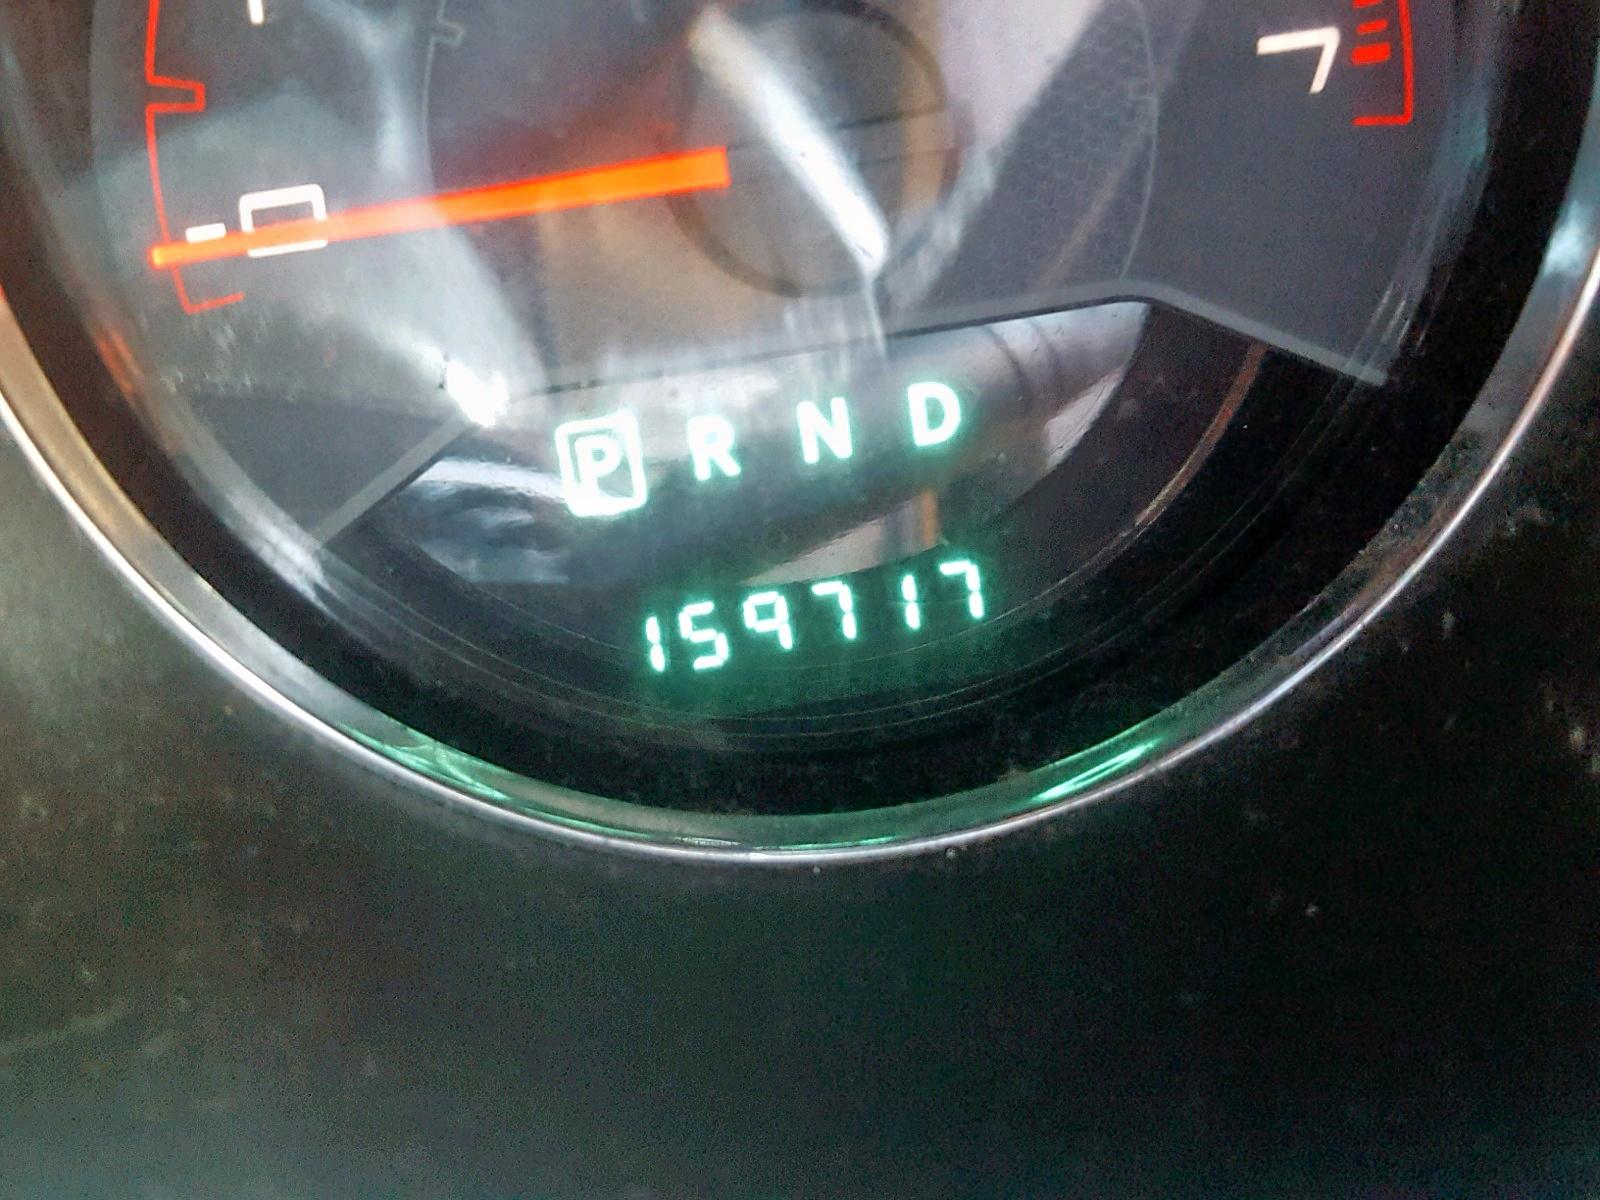 1C3CDZAB9CN148889 - 2012 Dodge Avenger Se 2.4L front view